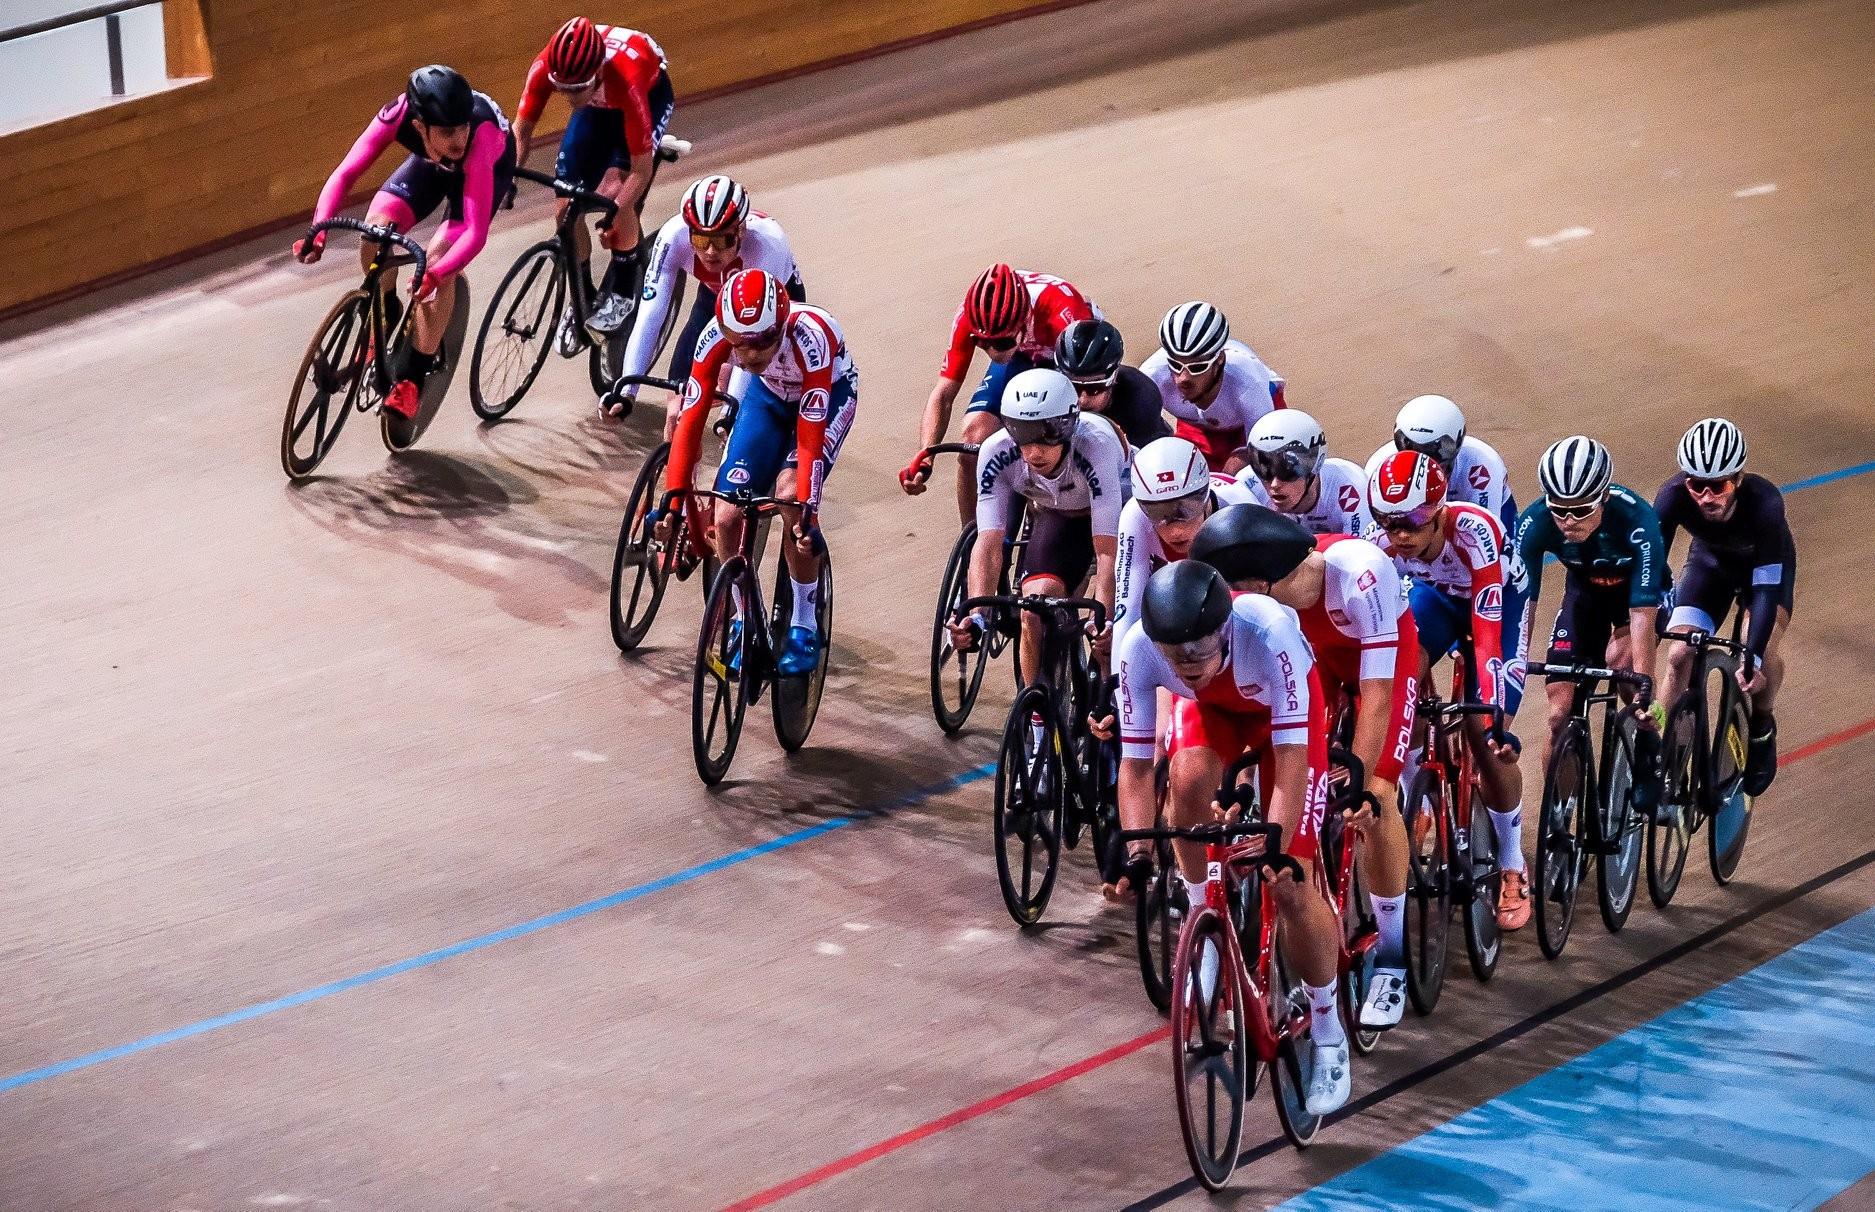 Treze nações a pedalar na Prova Internacional